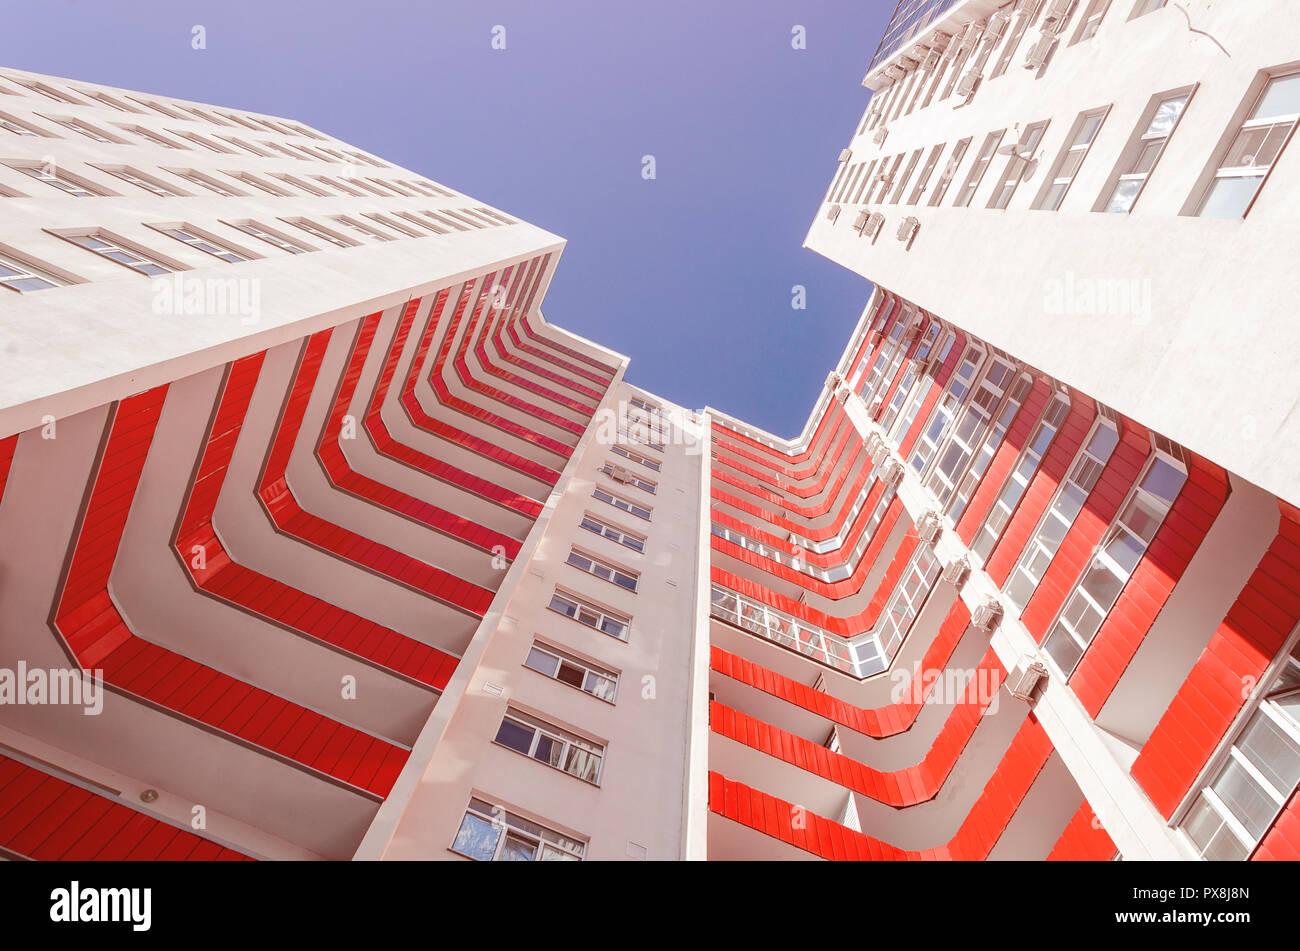 Vista de un edificio residencial de abajo hacia arriba. Casa Blanca con balcones rojo en un cálido día de sol Foto de stock